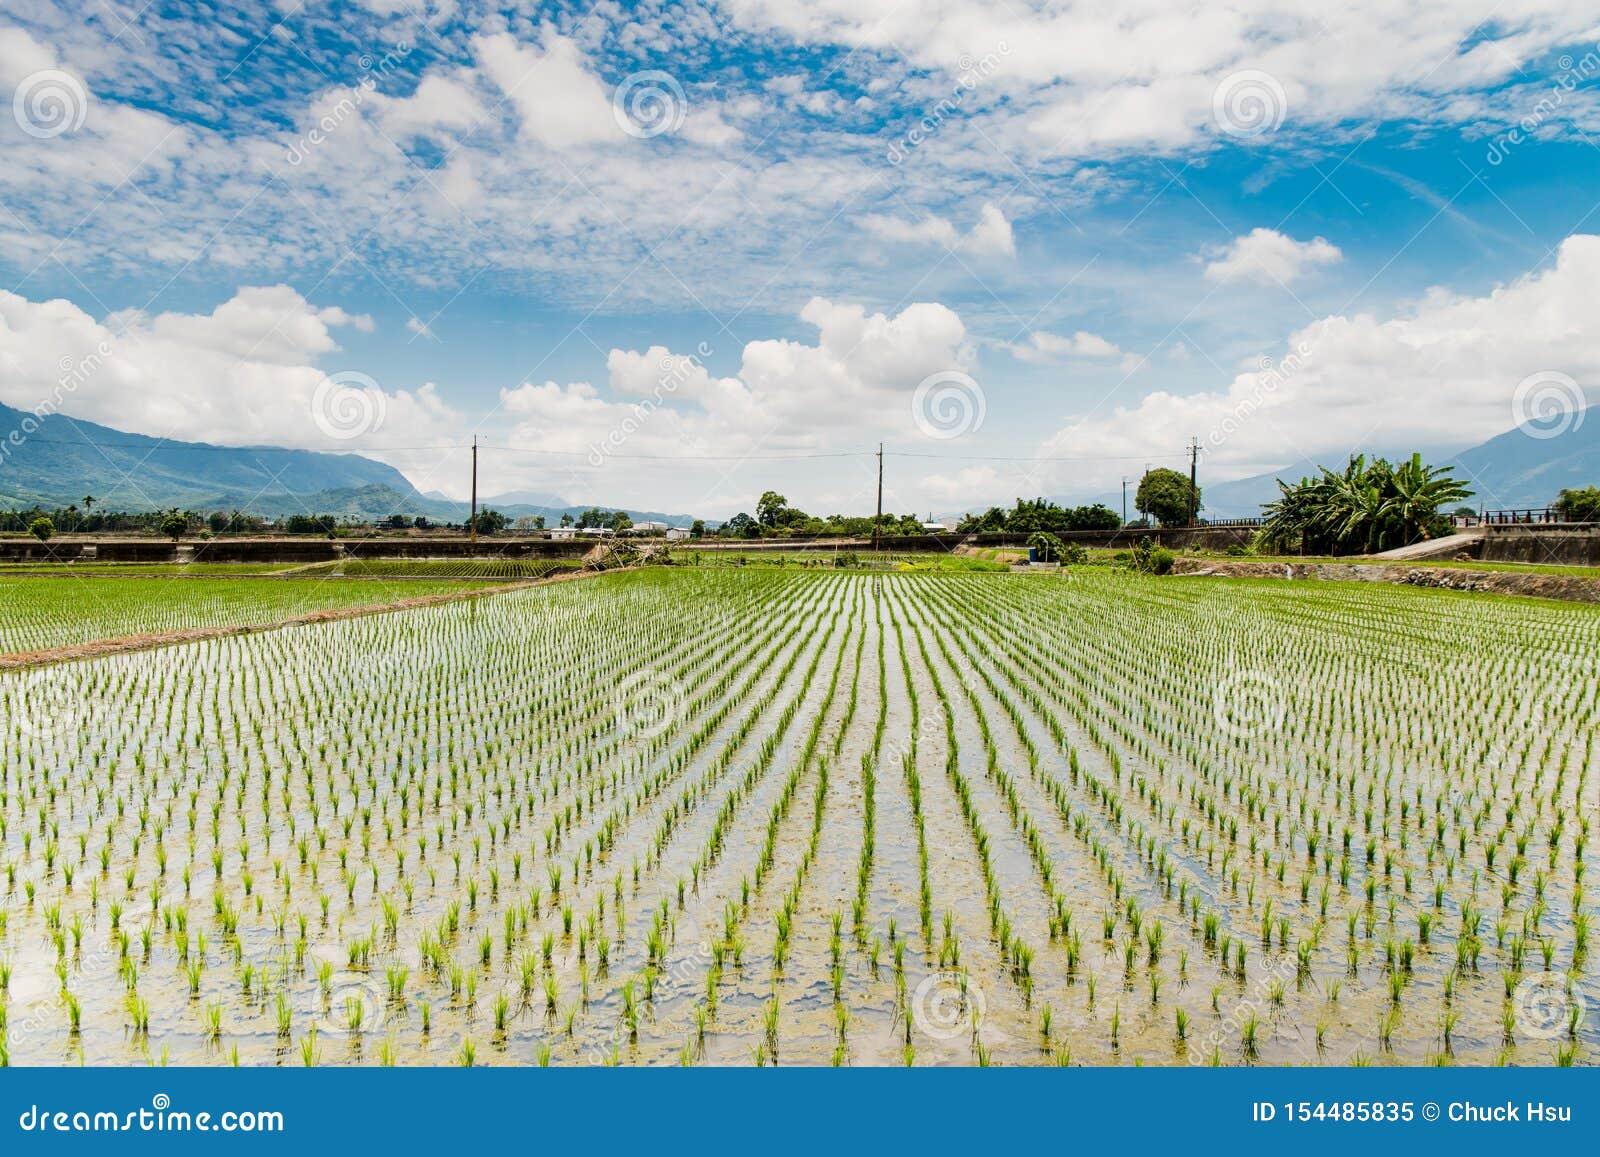 Αντανάκλαση των τομέων ορυζώνα, όμορφο φυσικό τοπίο των πράσινων τομέων ρυζιού σε αγροτικό Chishang, Taitung, Ταϊβάν